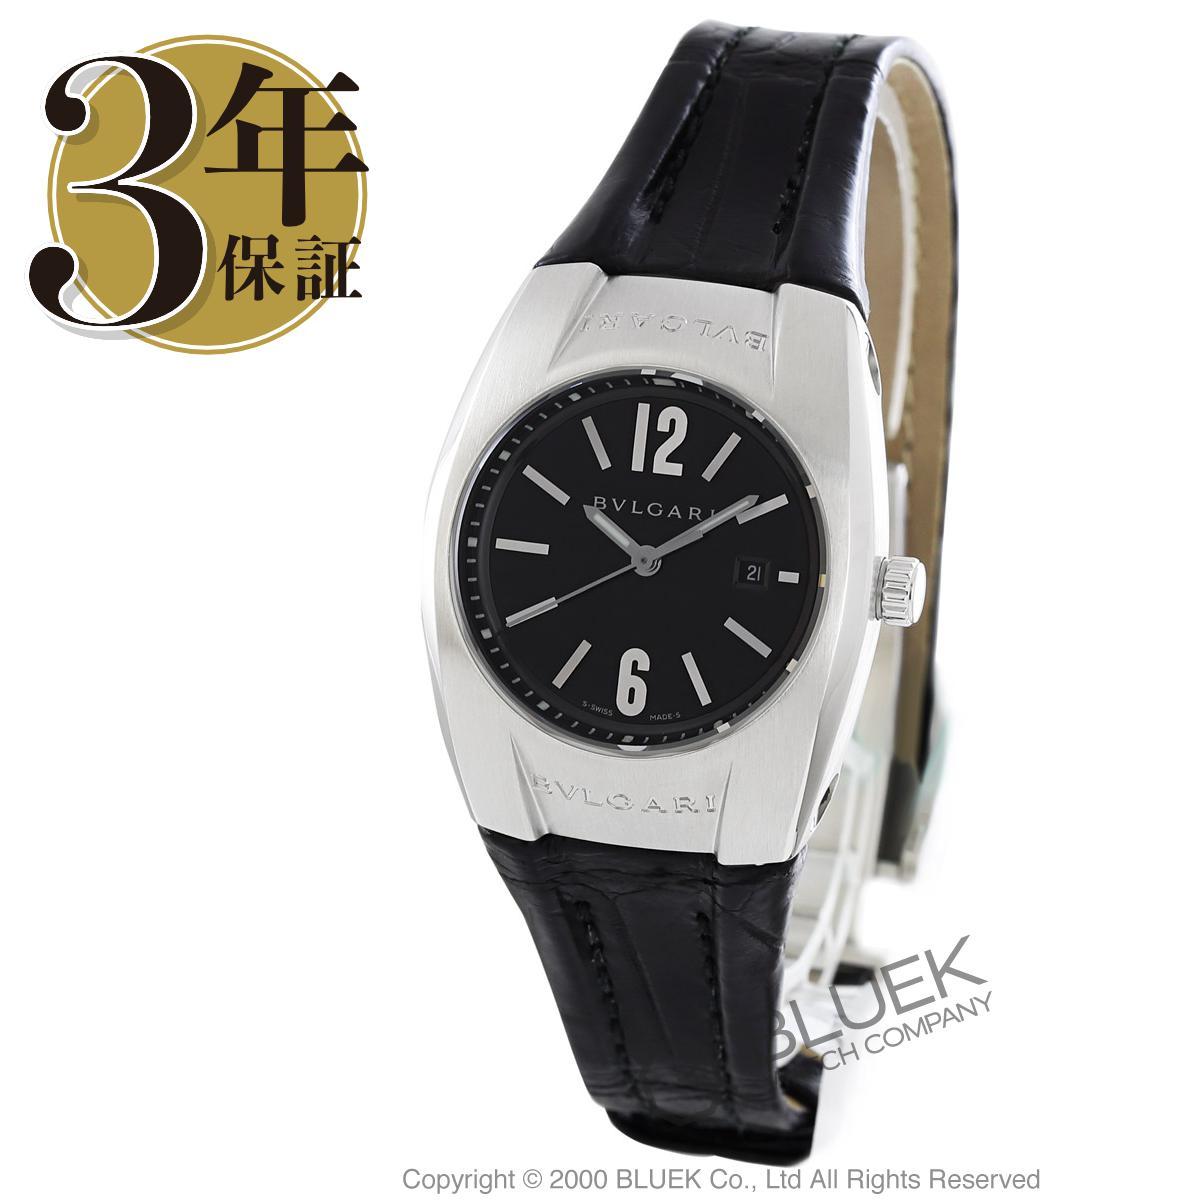 【3,000円OFFクーポン対象】ブルガリ エルゴン アリゲーターレザー 腕時計 レディース BVLGARI EG30BSLD_8